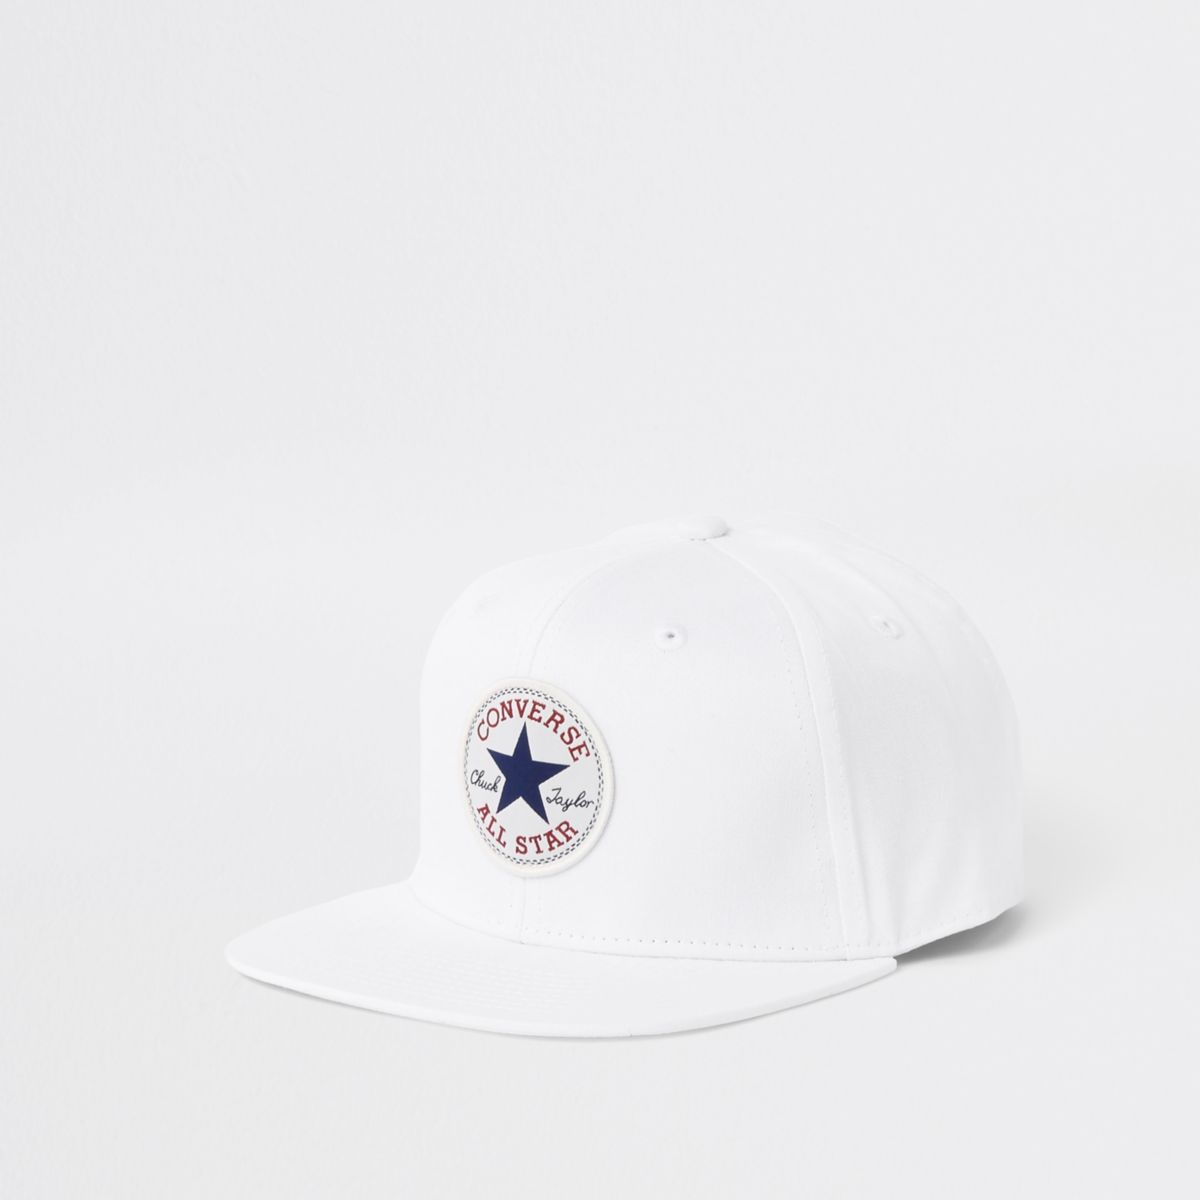 Boys Converse white baseball cap